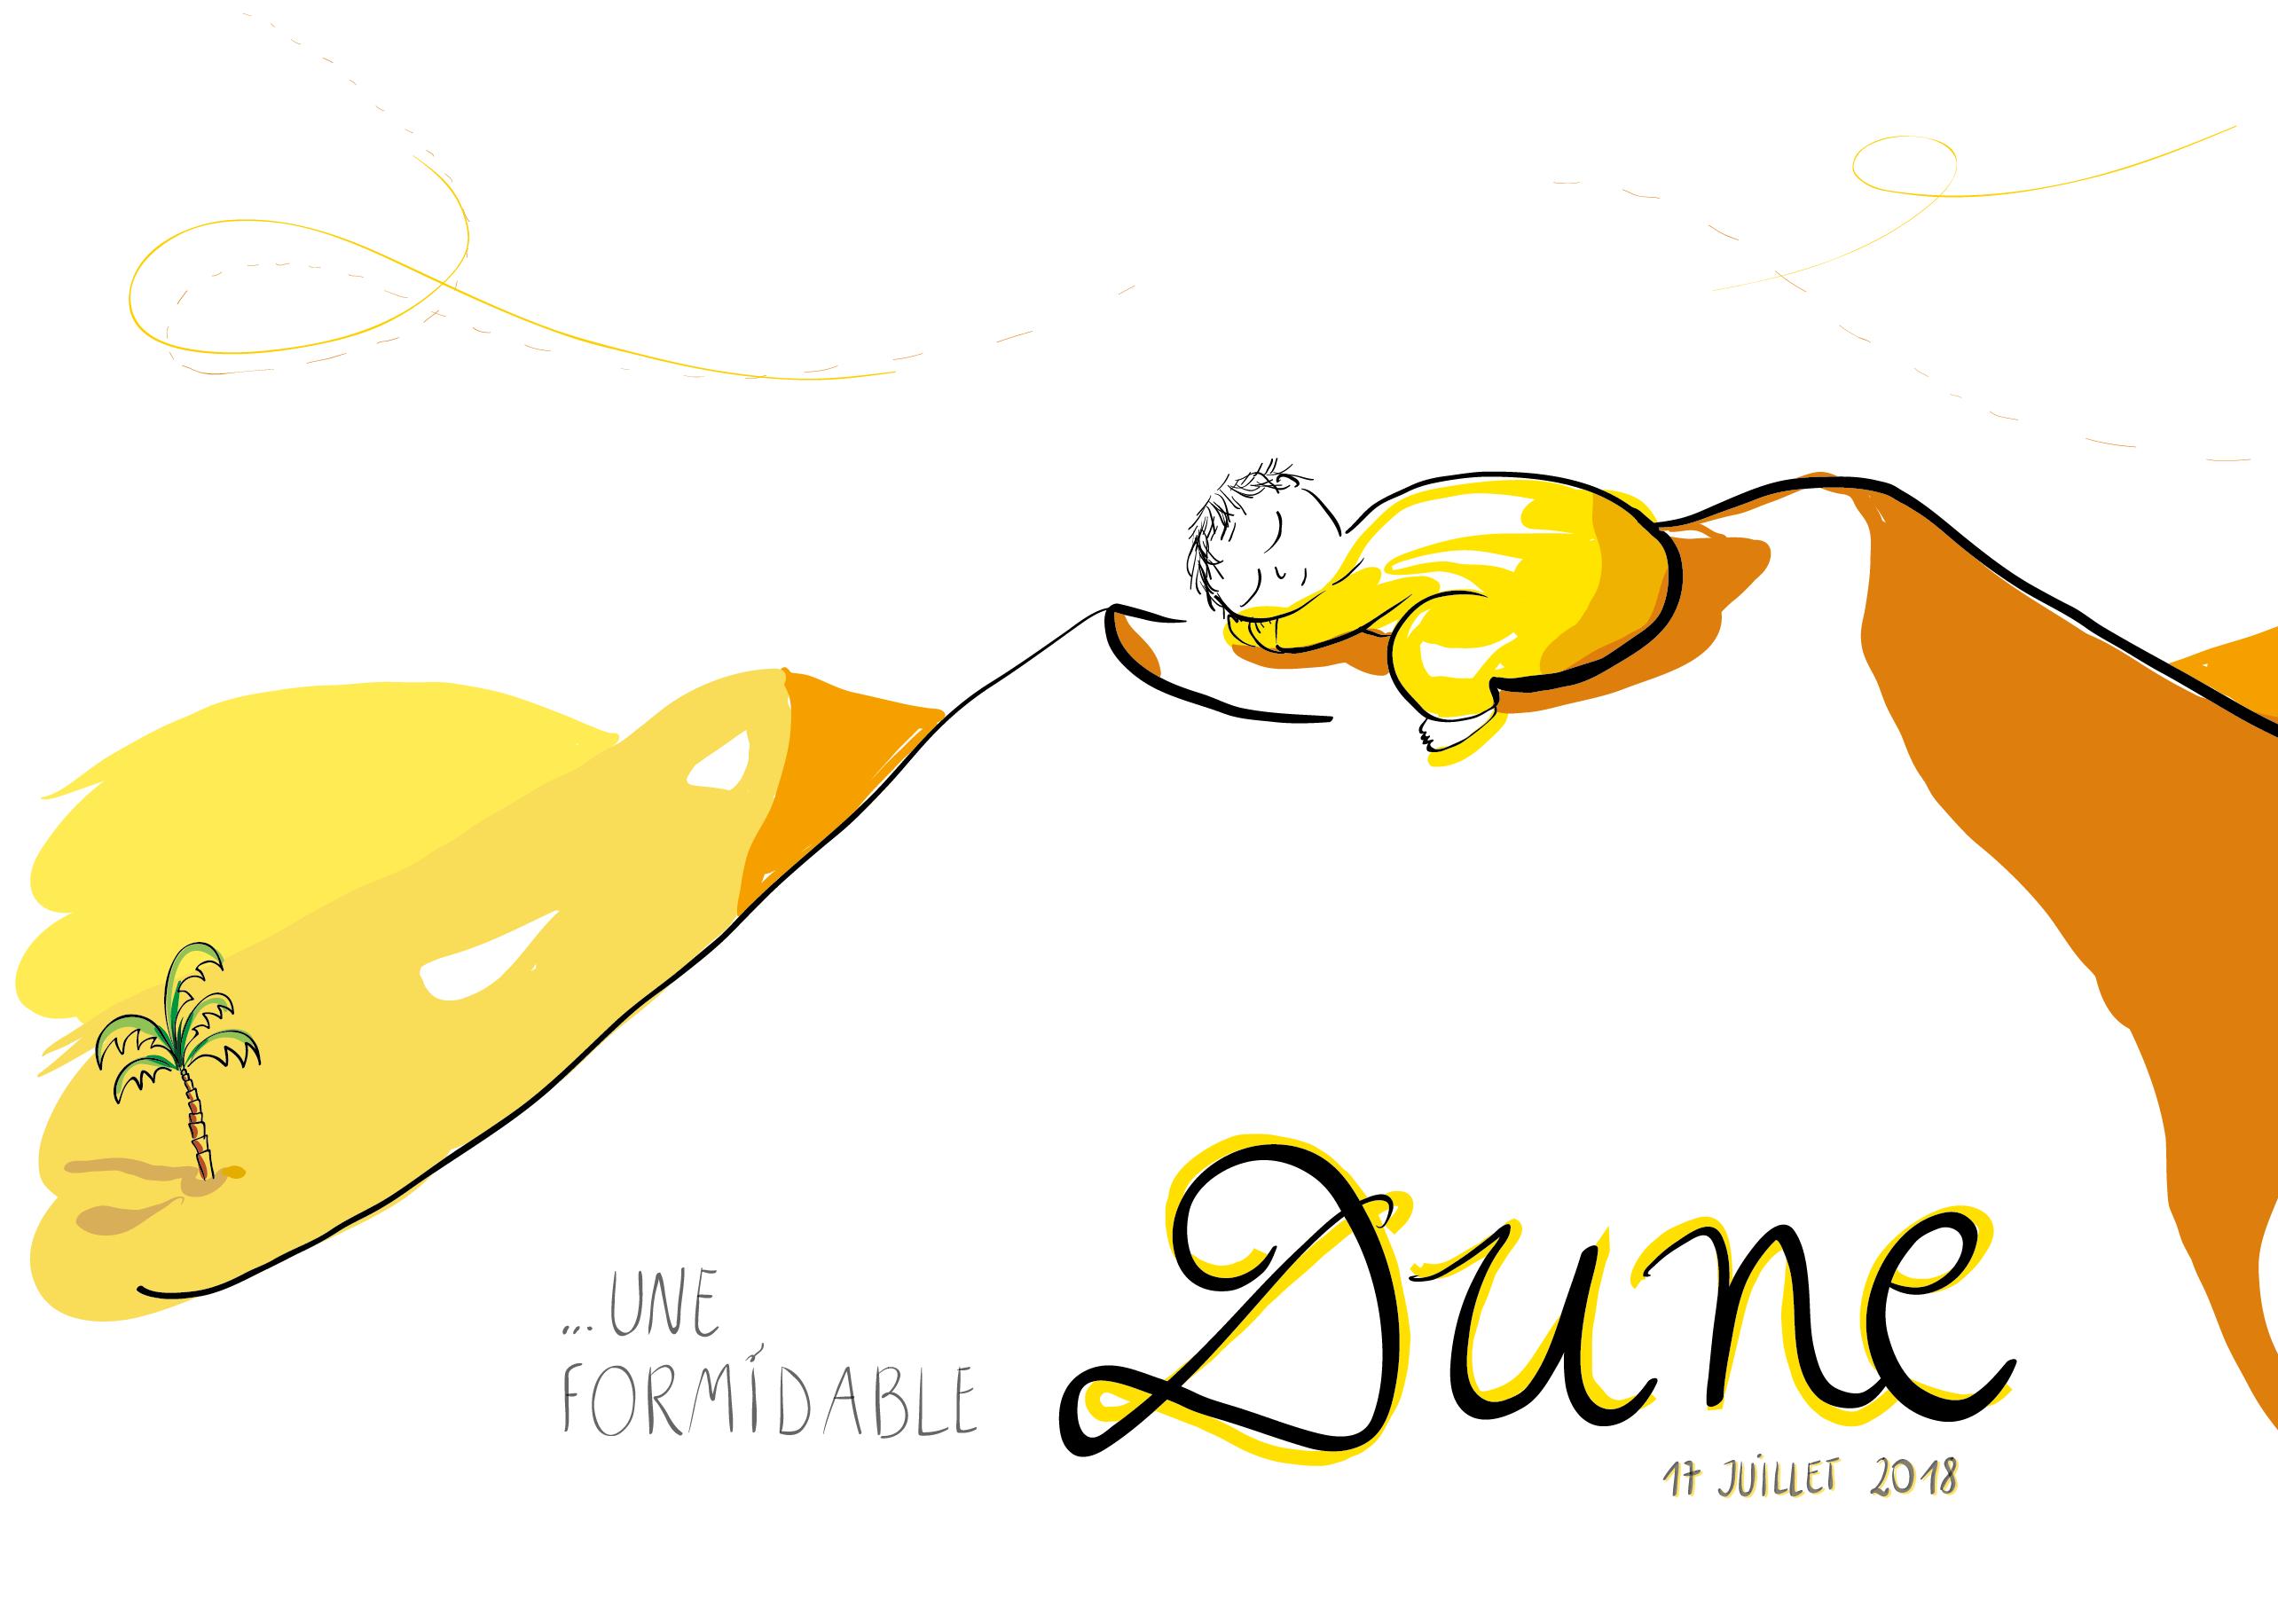 Dune est née!